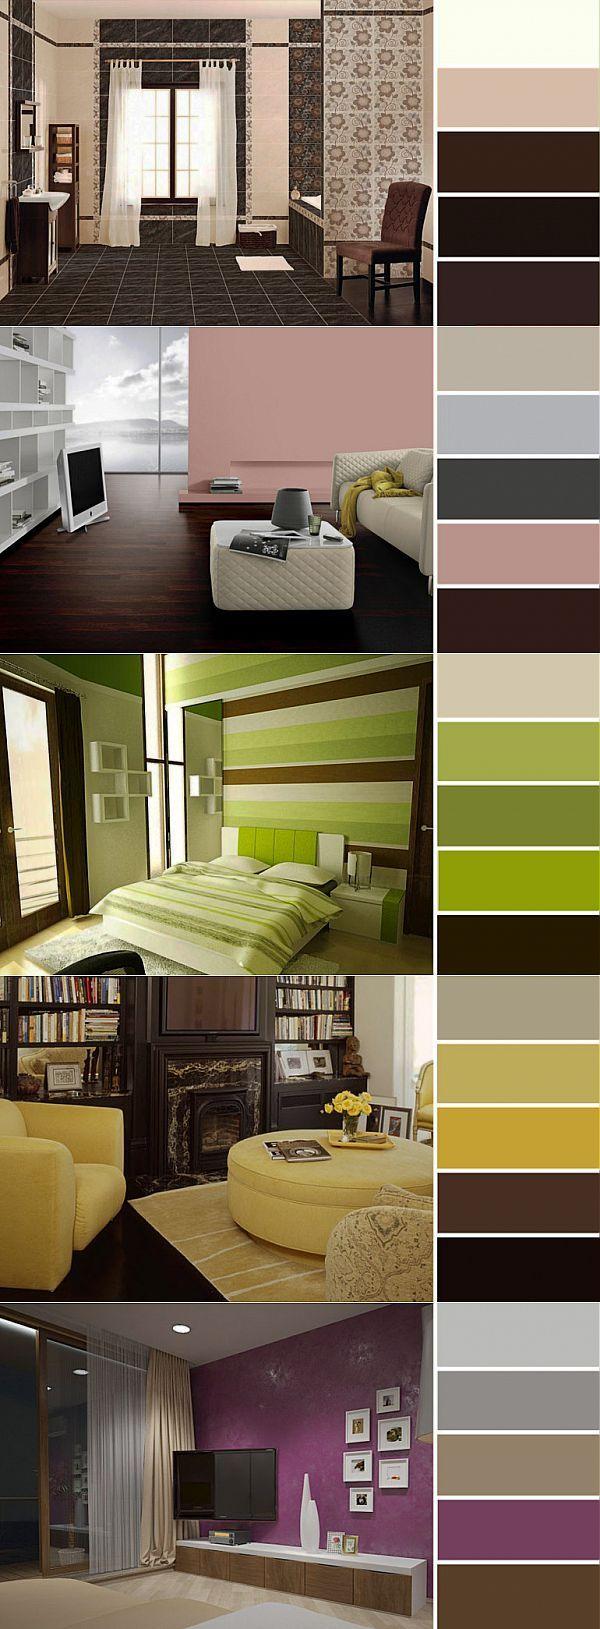 Los muebles, el empapelado o las cortinas del color de chocolate en el interior se hacen los acentos hermosos en cualquier estilo del interior